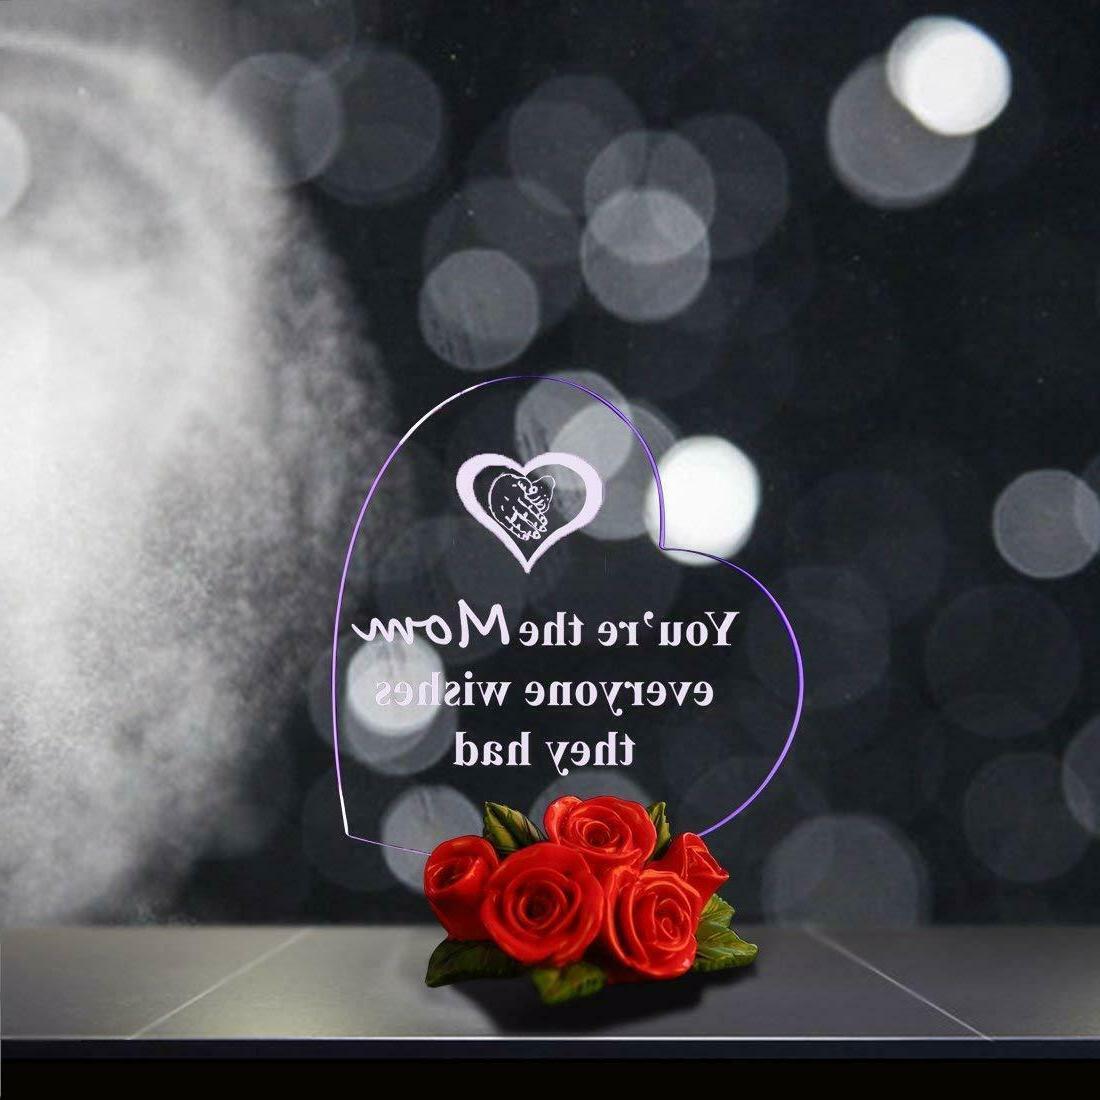 LED Rose Base Gift Her Birthday